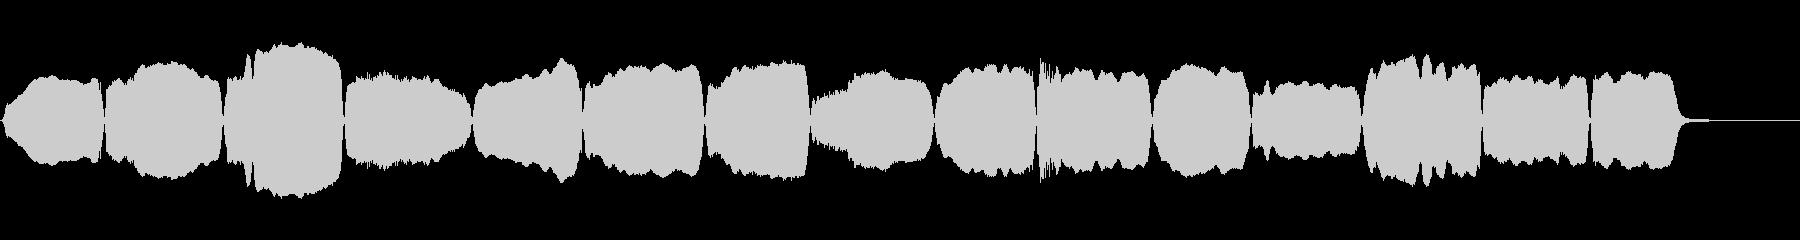 ヴァイオリン:上下のスケール、よく...の未再生の波形